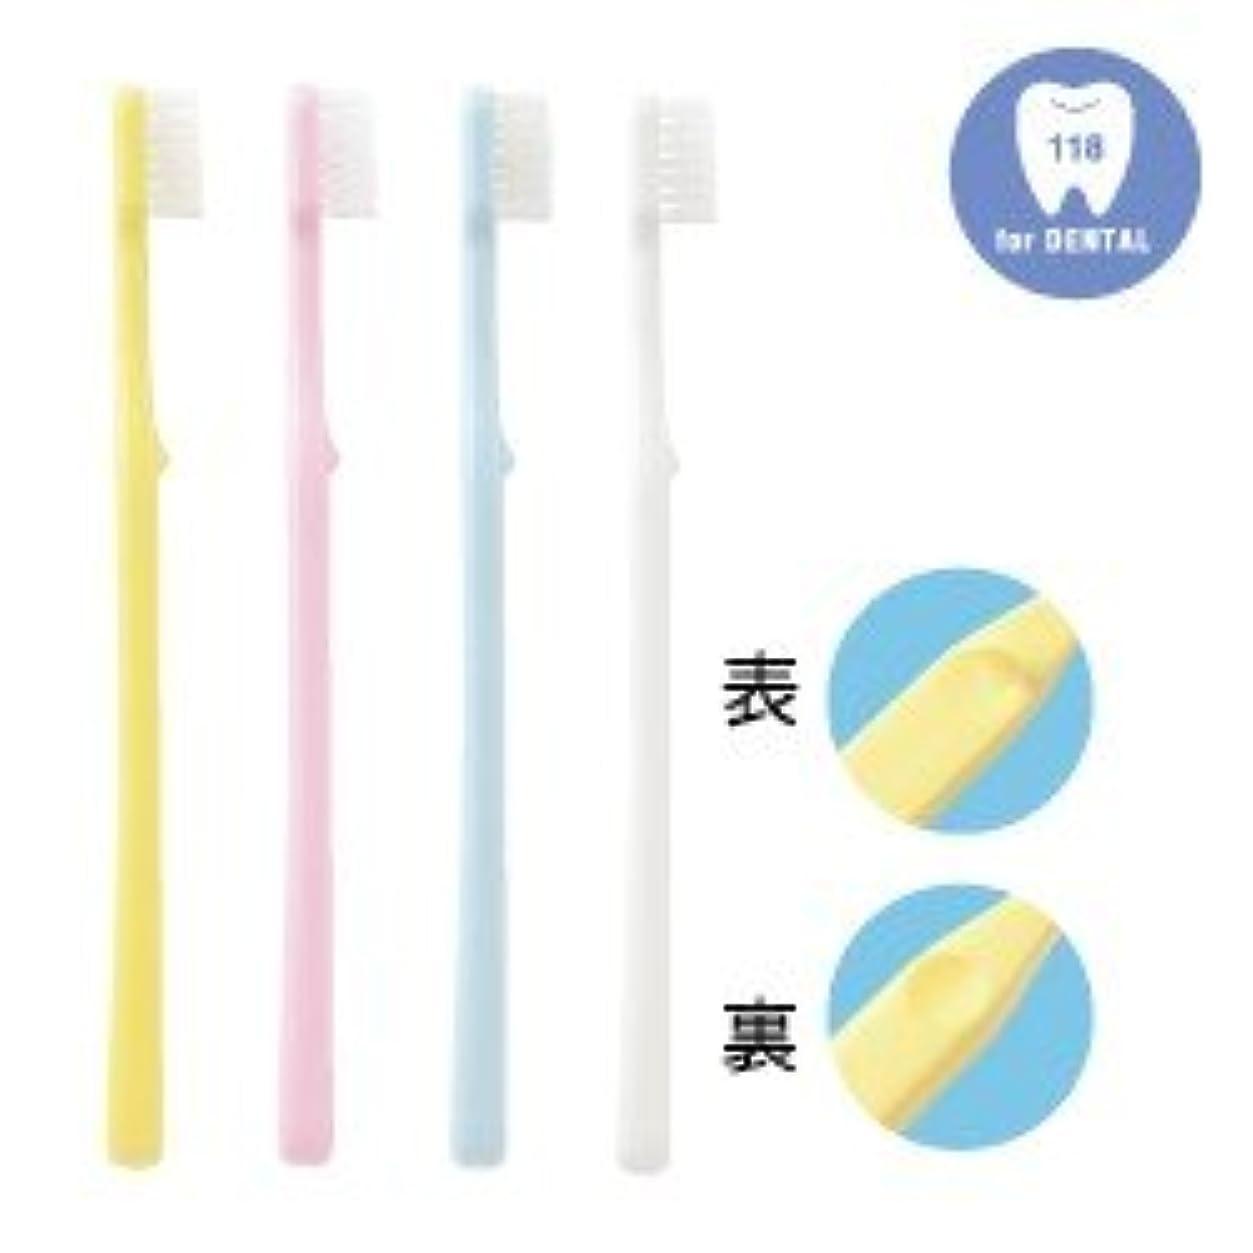 新しさ王朝検索エンジンマーケティング歯科専用歯ブラシ フォーカス 子供用 118シリーズ M(ふつう) 20本